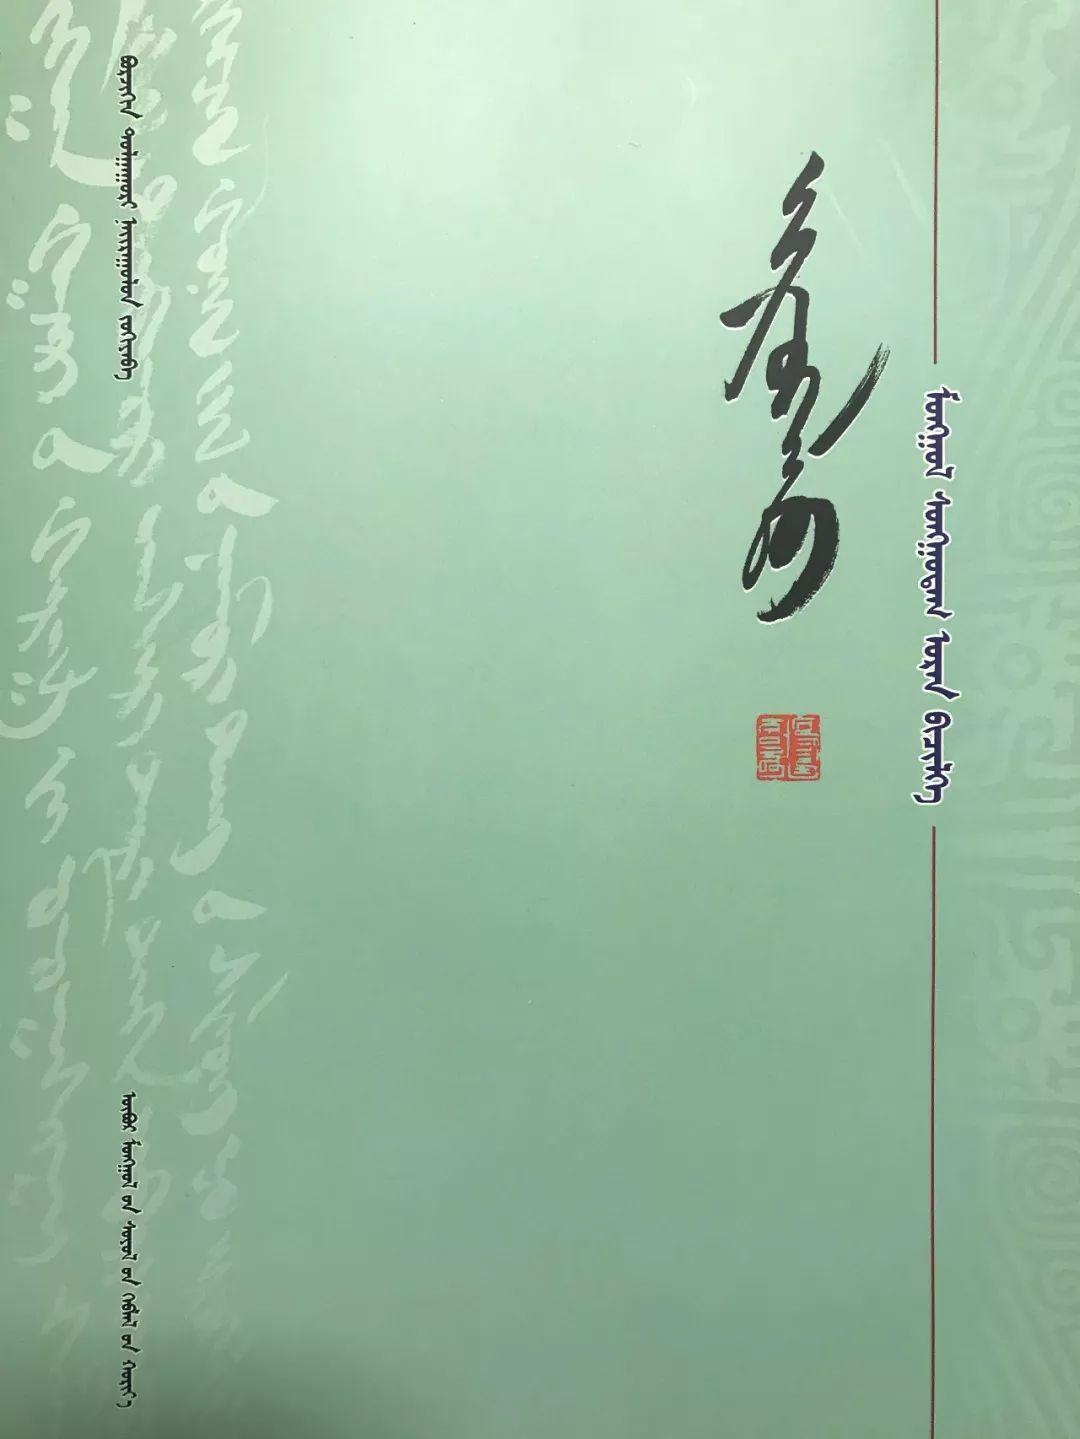 《蒙古文经典书法》在美丽呼伦贝尔首发 第6张 《蒙古文经典书法》在美丽呼伦贝尔首发 蒙古书法